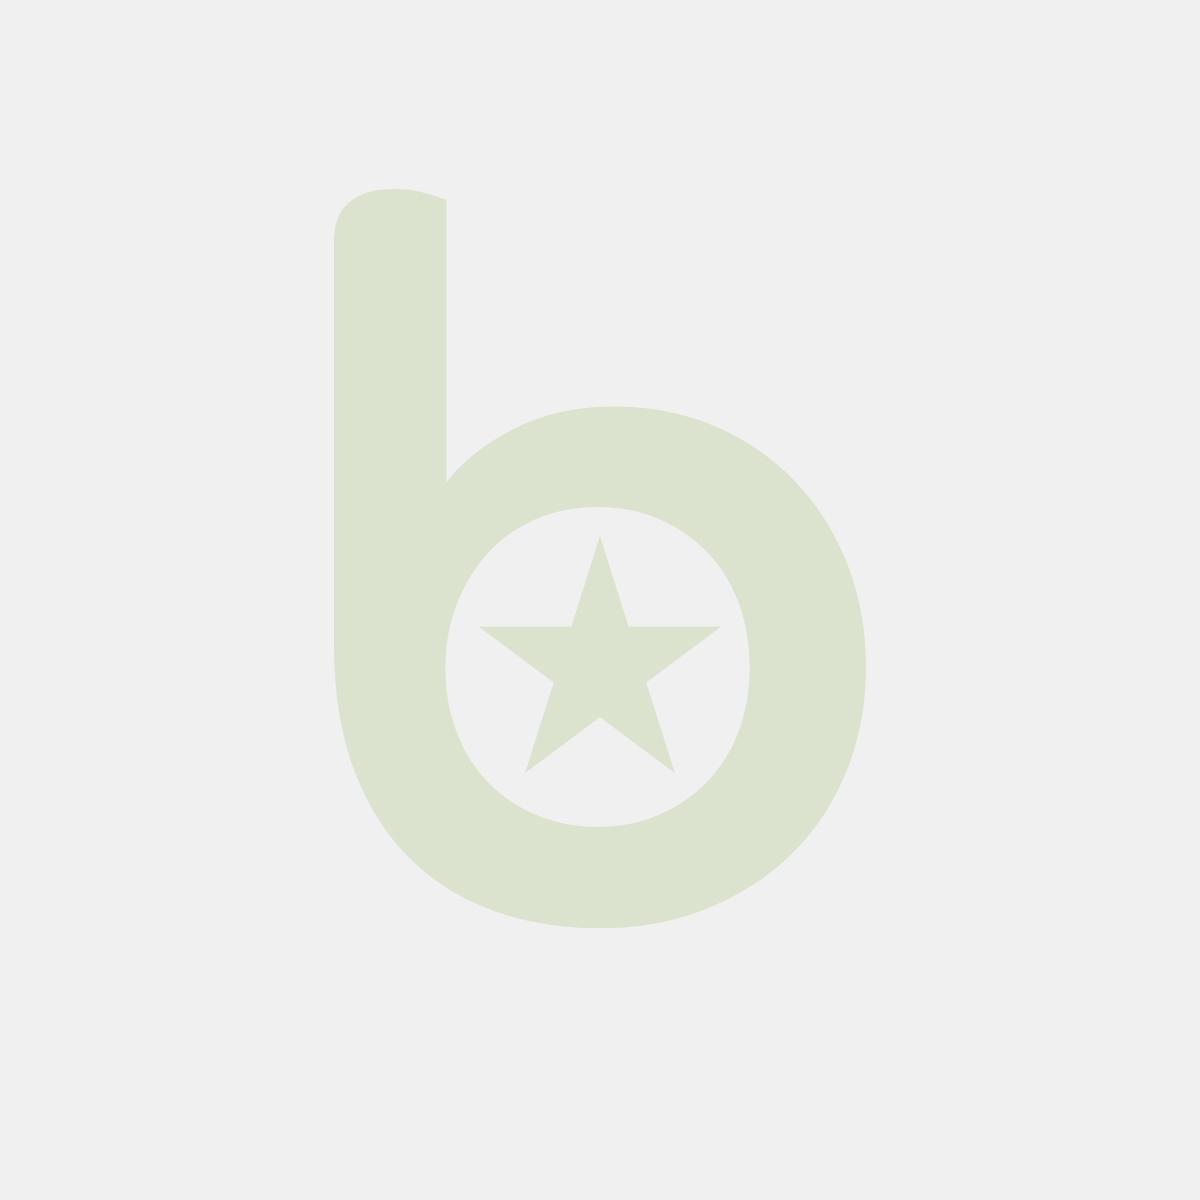 Garnek Do Gotowania Pierogów, Makaronu - Profi Line Z Wkładem I Pokrywką 40 L; Śr. 355 X 405 H